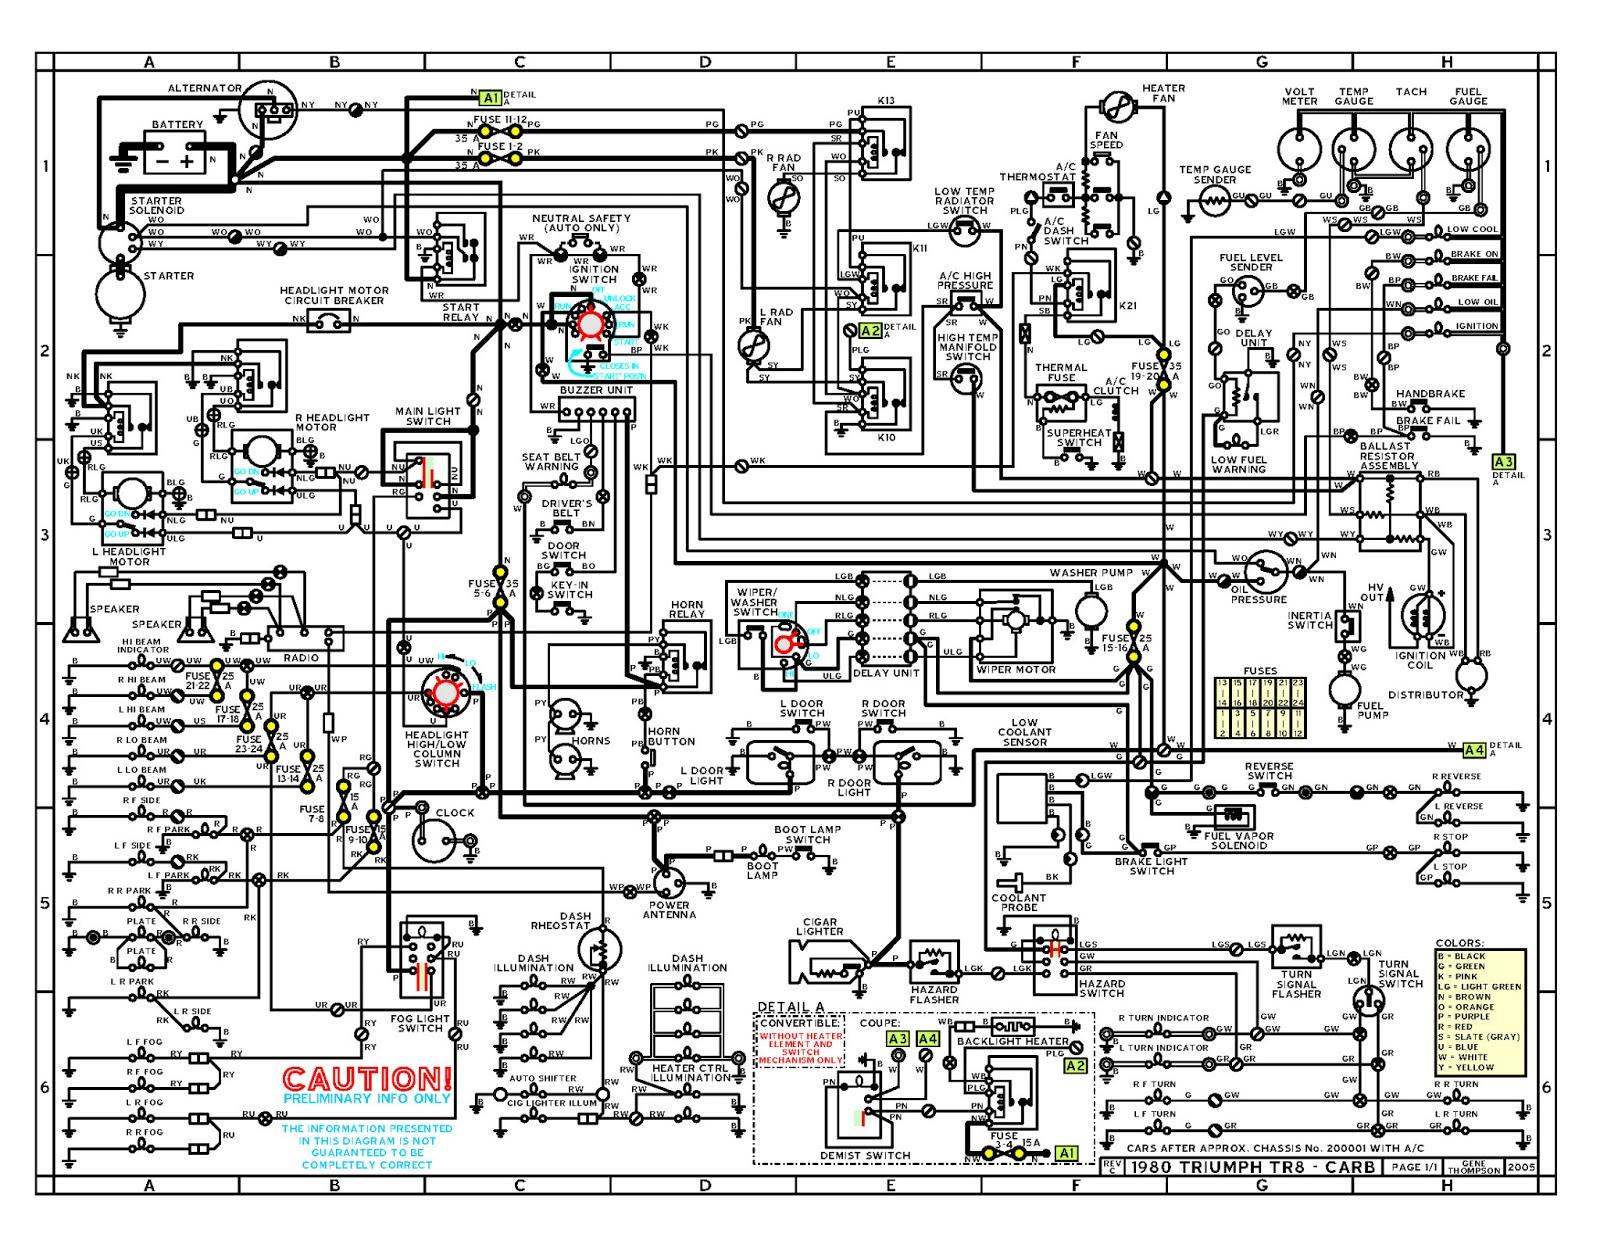 1976 Triumph Spitfire Wiring Diagram Trusted Schematics Bmw 2002 Schematic Tr6 Somurich Com 1975